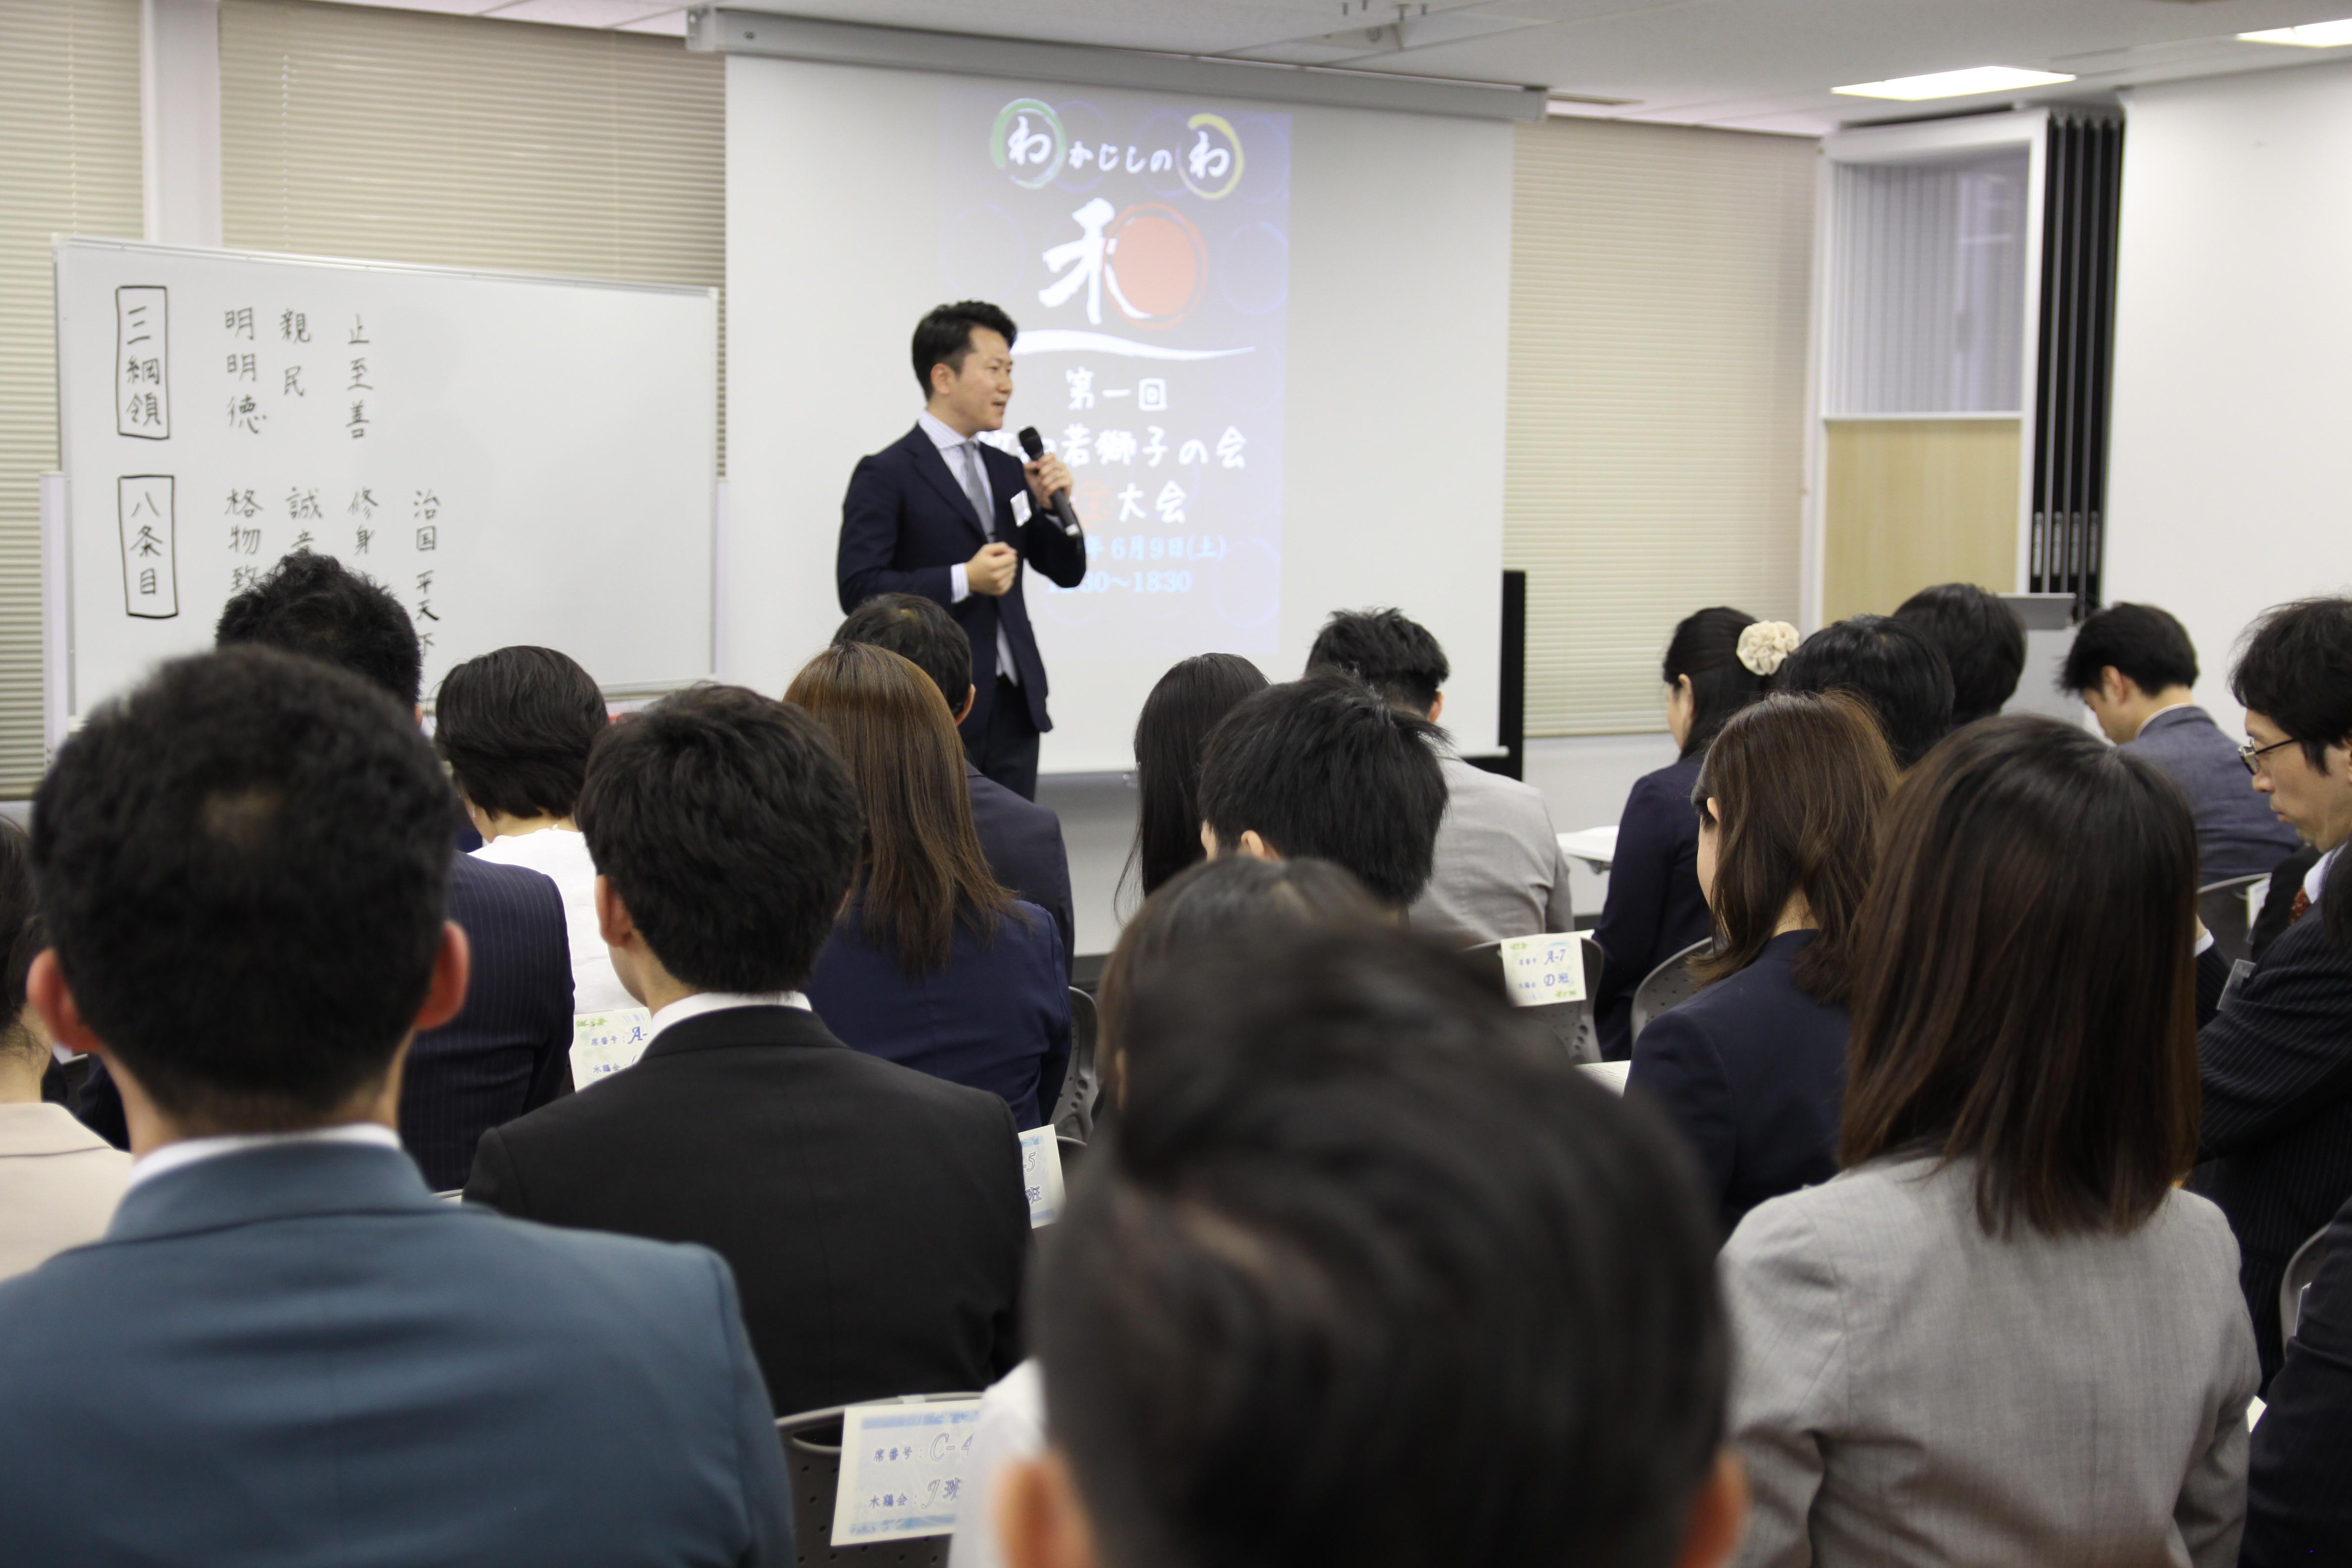 IMG 4603 - 関東若獅子の会、記念すべき第100回